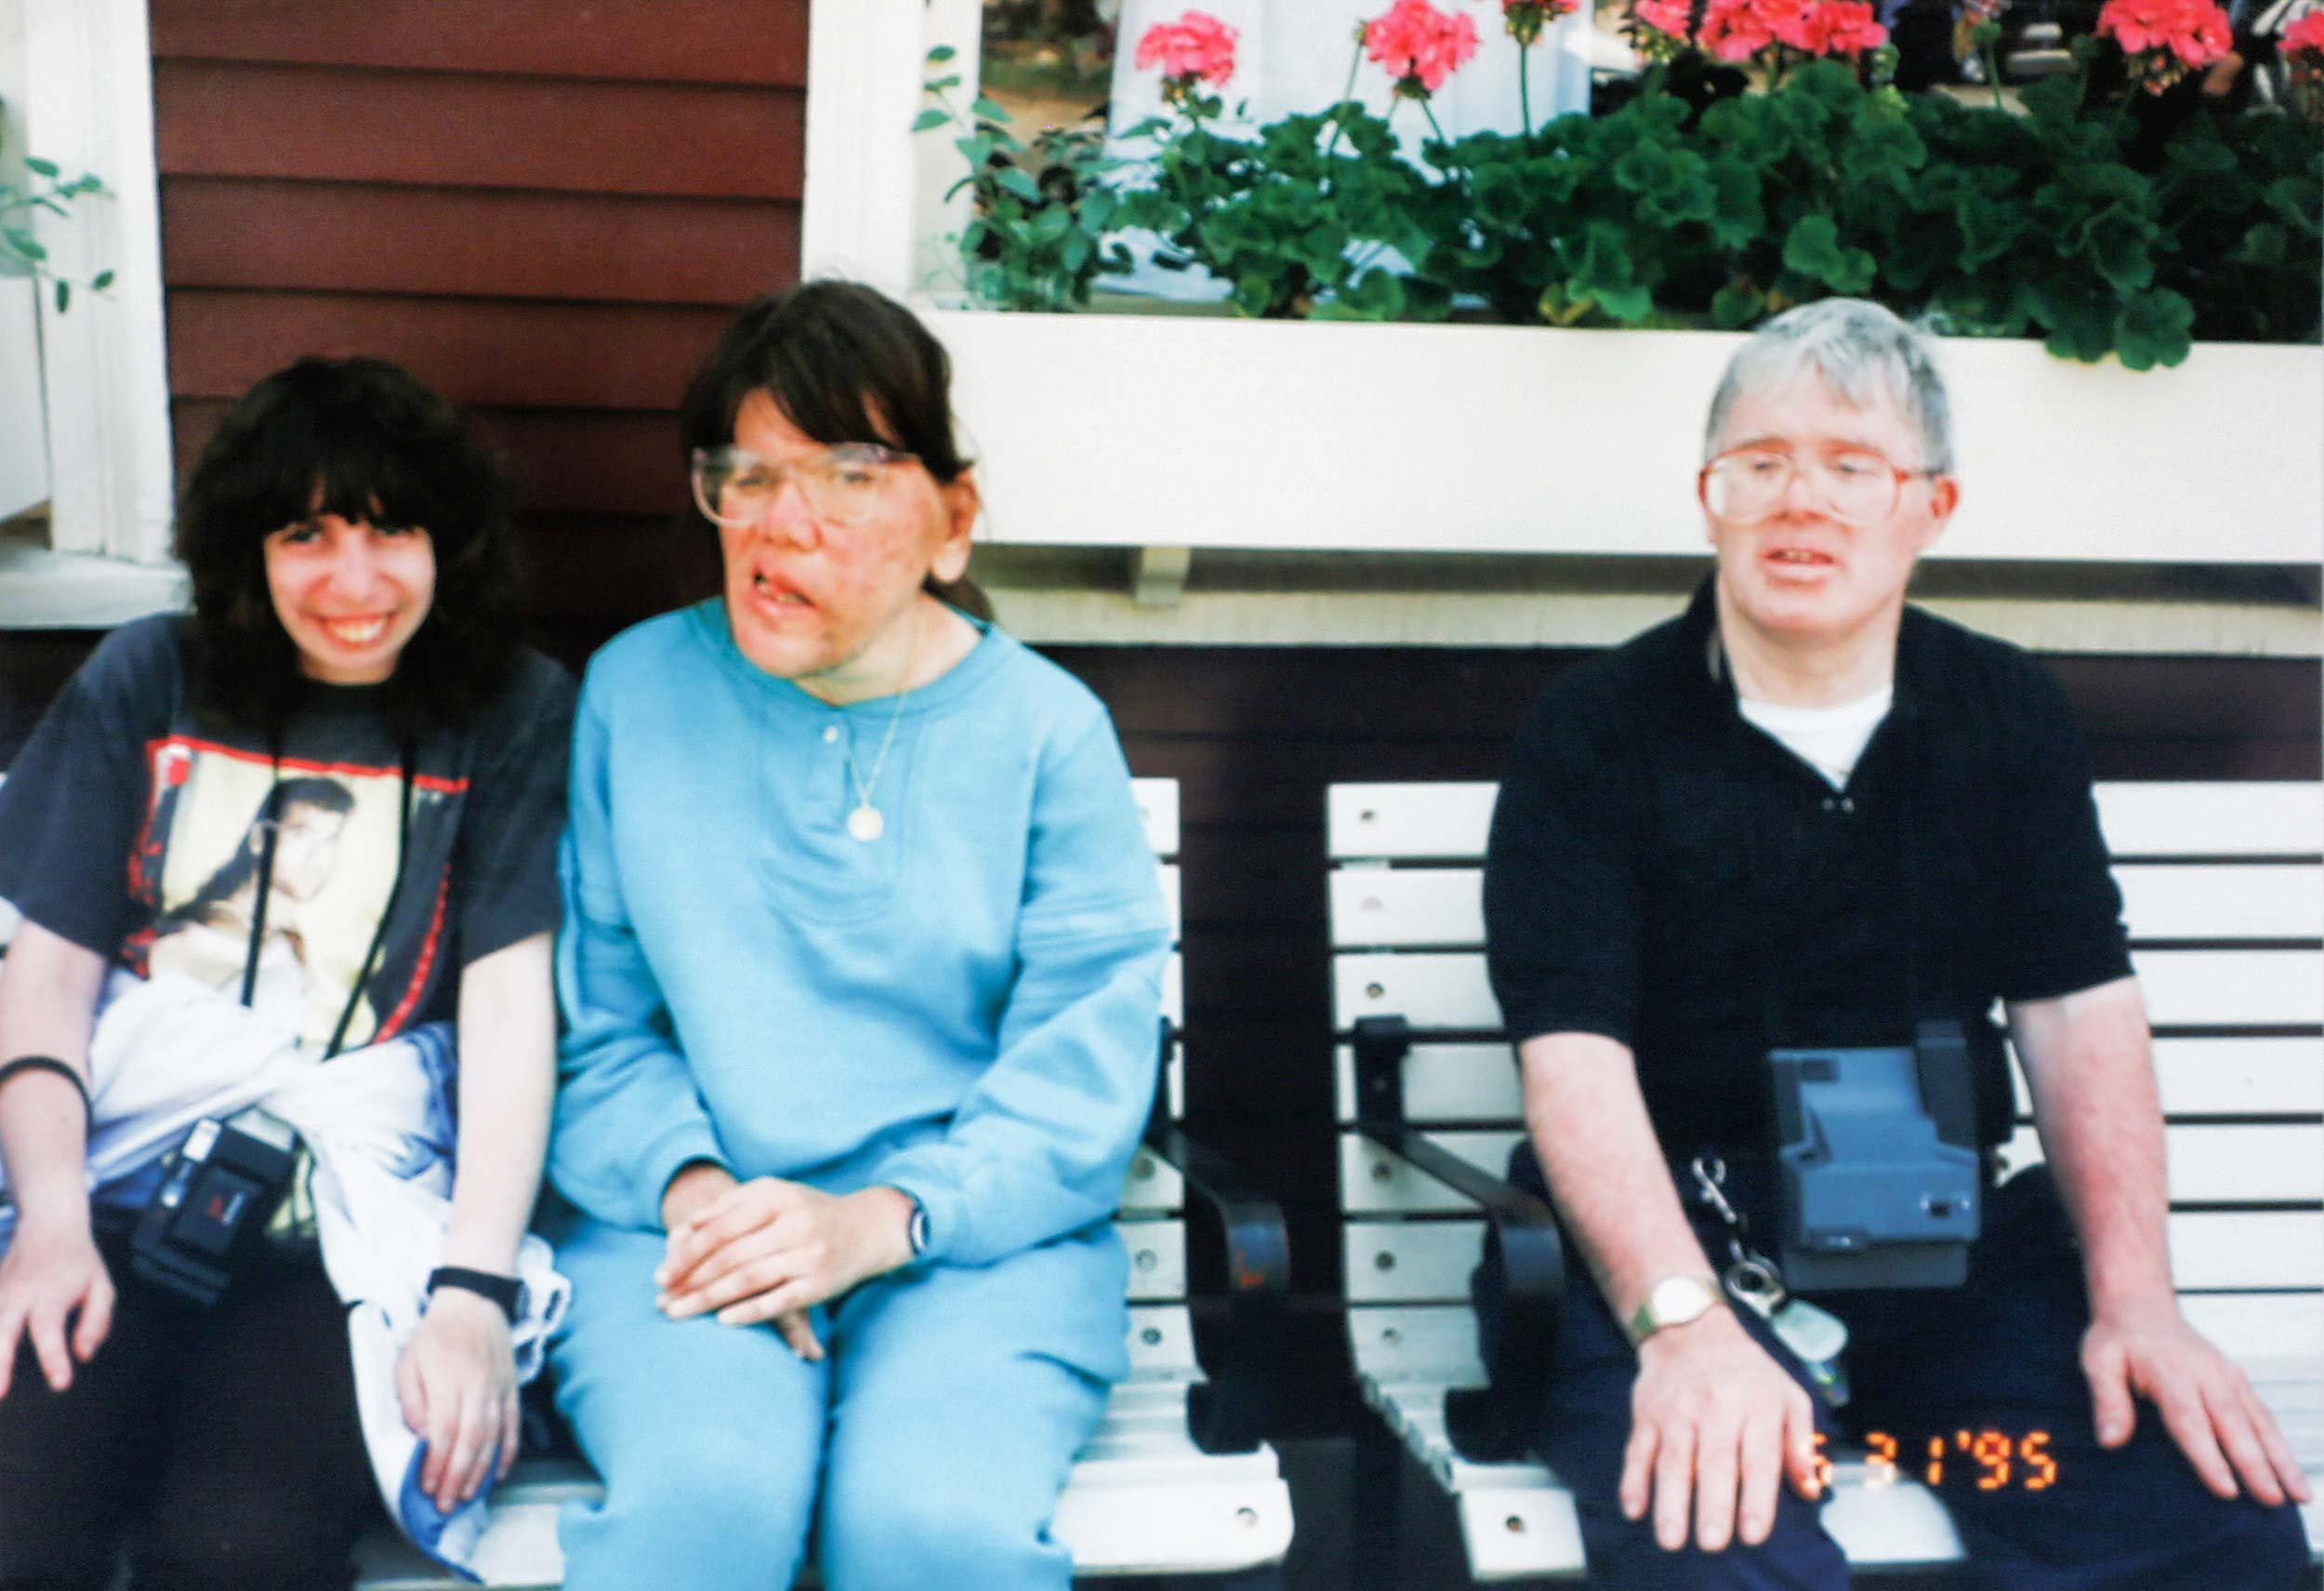 3-people-1T4A7499.jpg